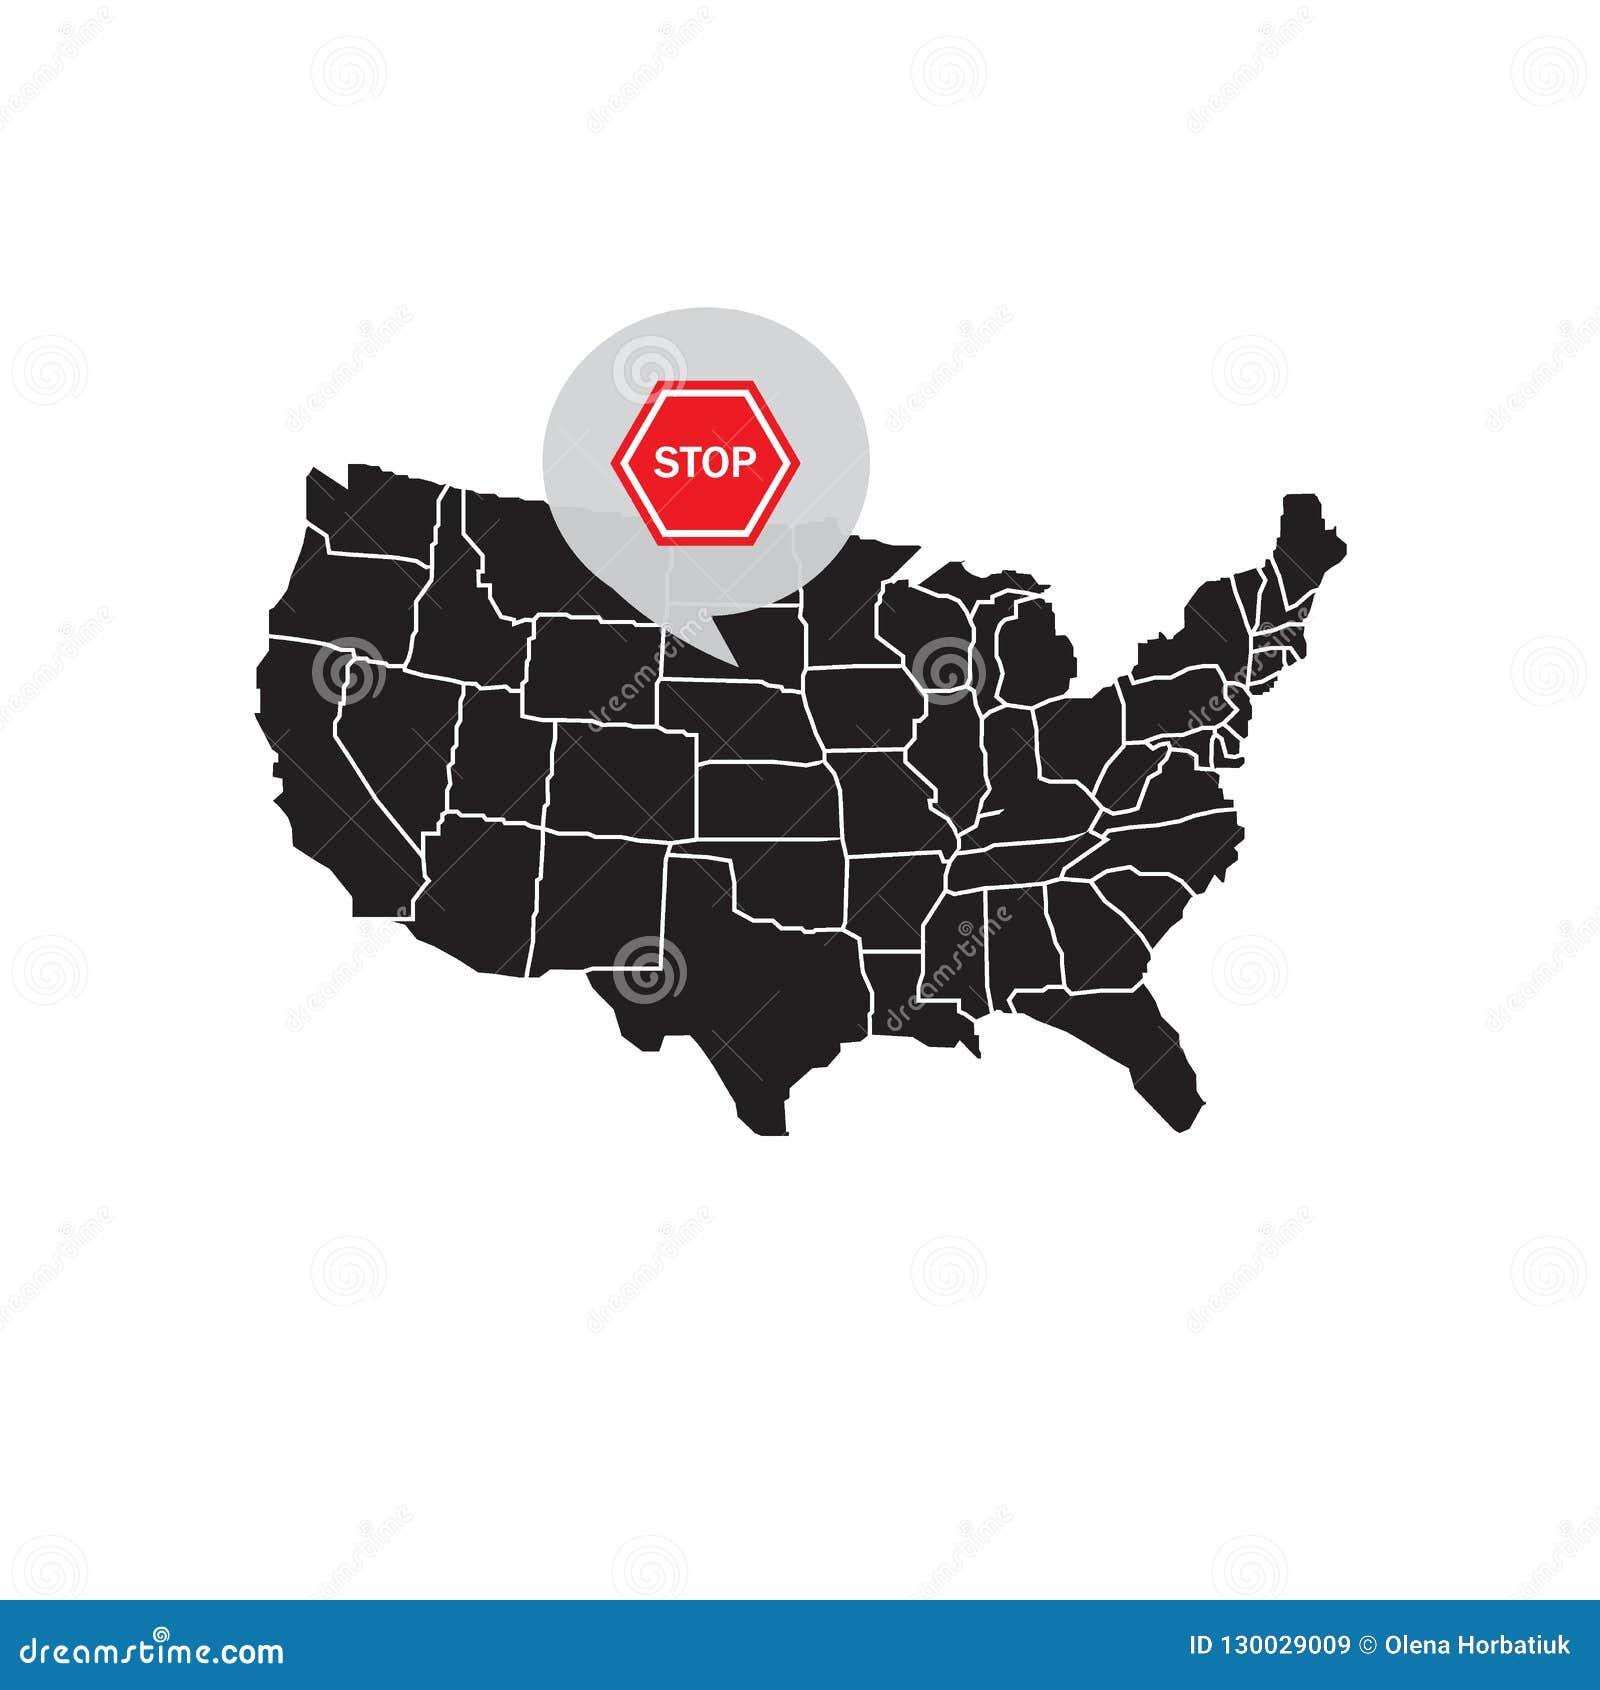 Karte von Vereinigten Staaten Amerika mit einem Haltesignal